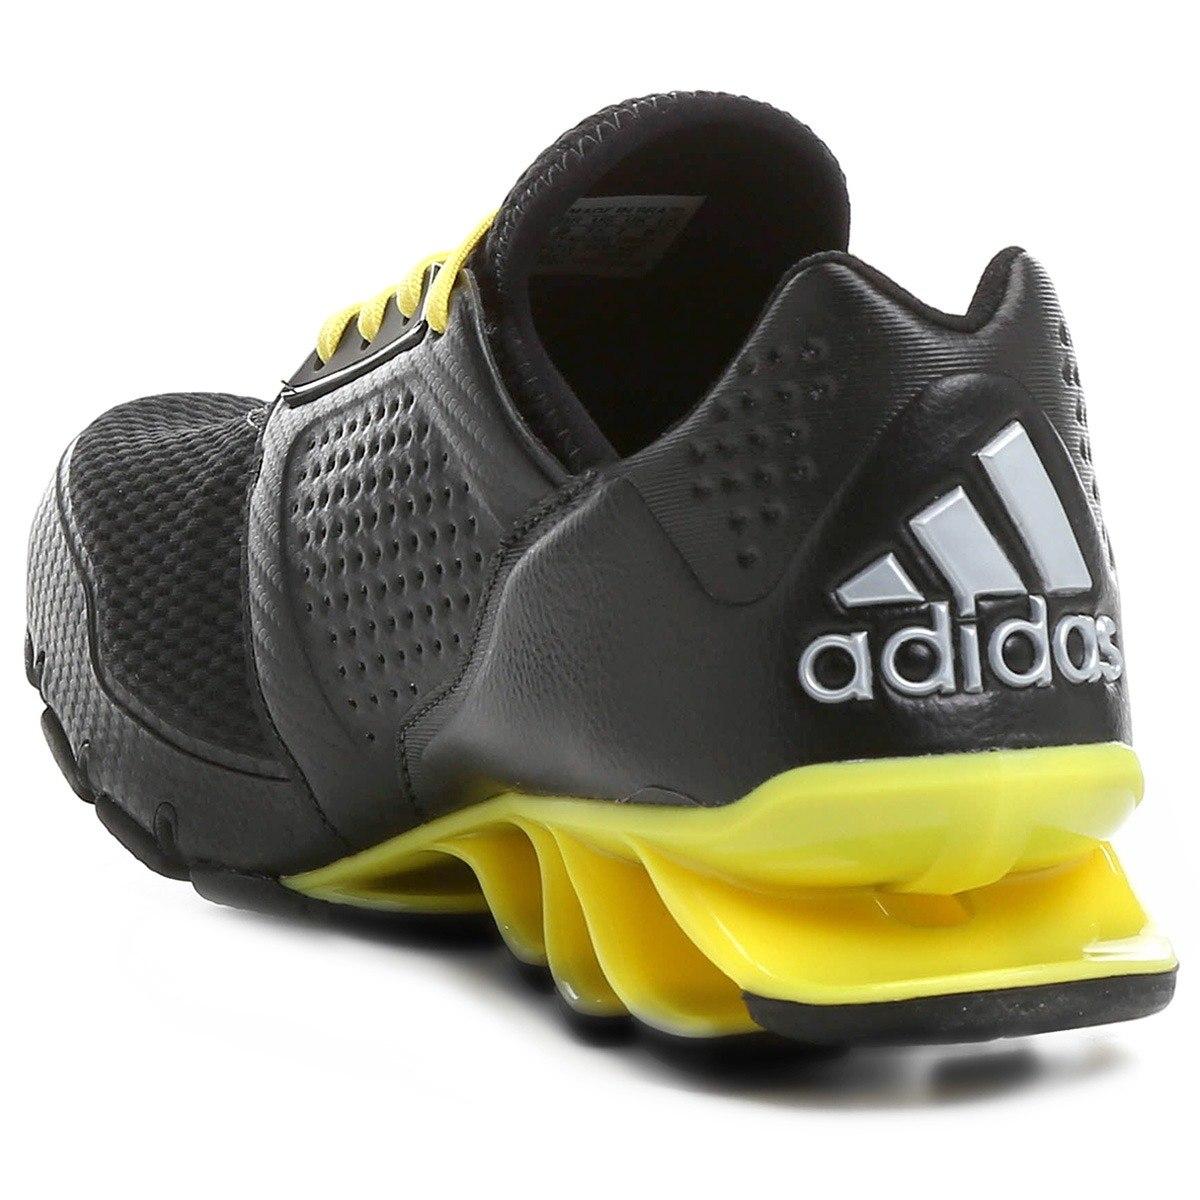 bdb082a303c tênis adidas springblade e-force masculino. Carregando zoom.